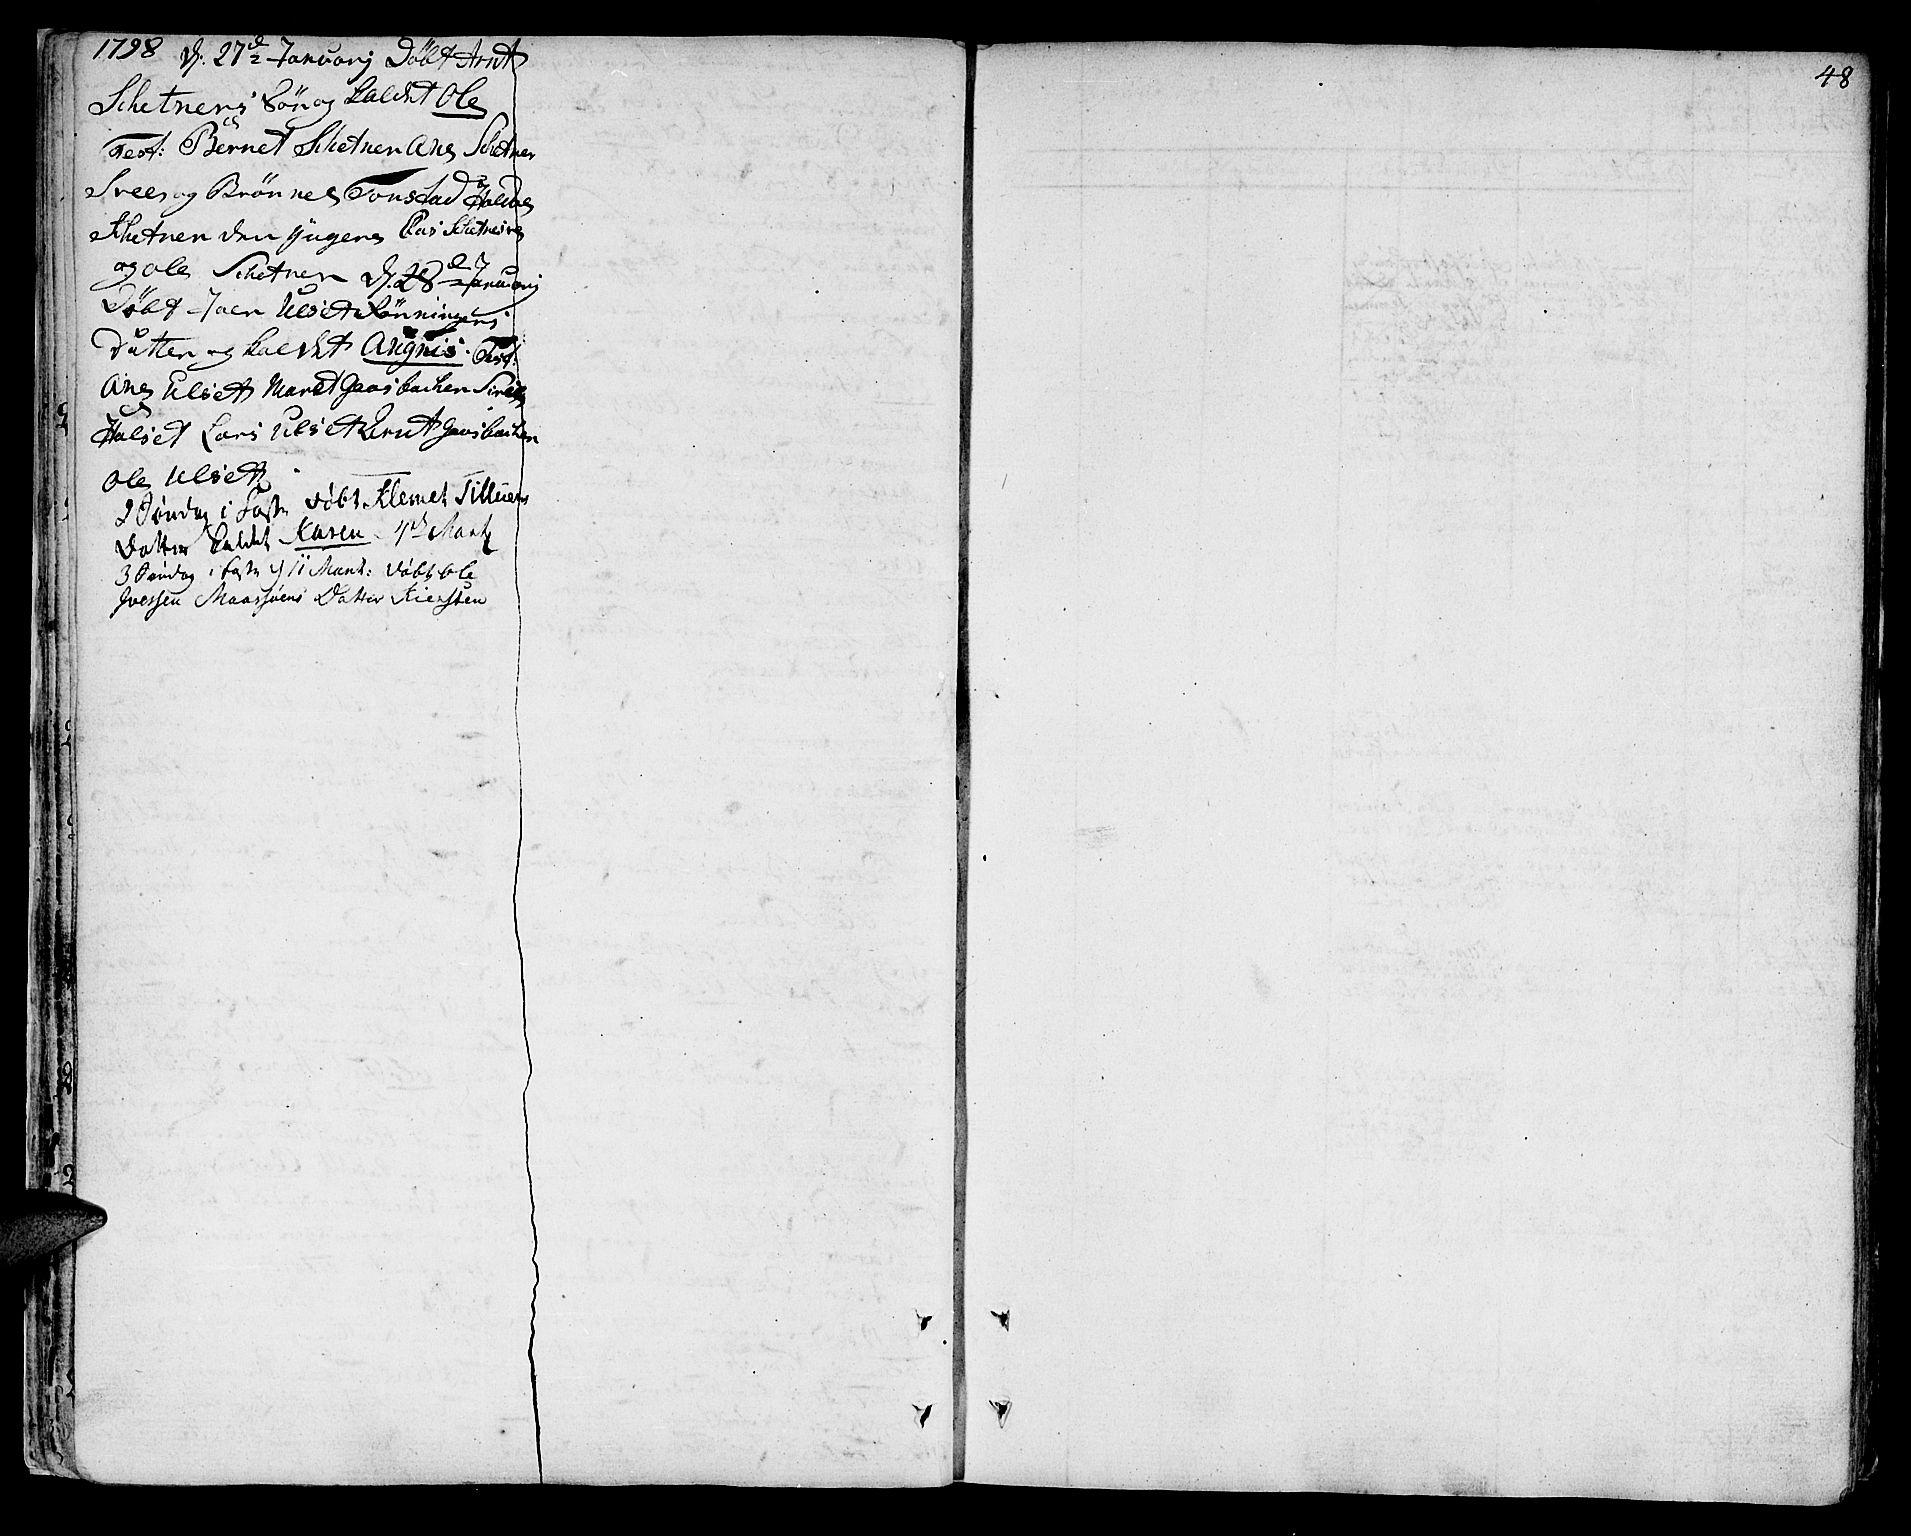 SAT, Ministerialprotokoller, klokkerbøker og fødselsregistre - Sør-Trøndelag, 618/L0438: Ministerialbok nr. 618A03, 1783-1815, s. 48